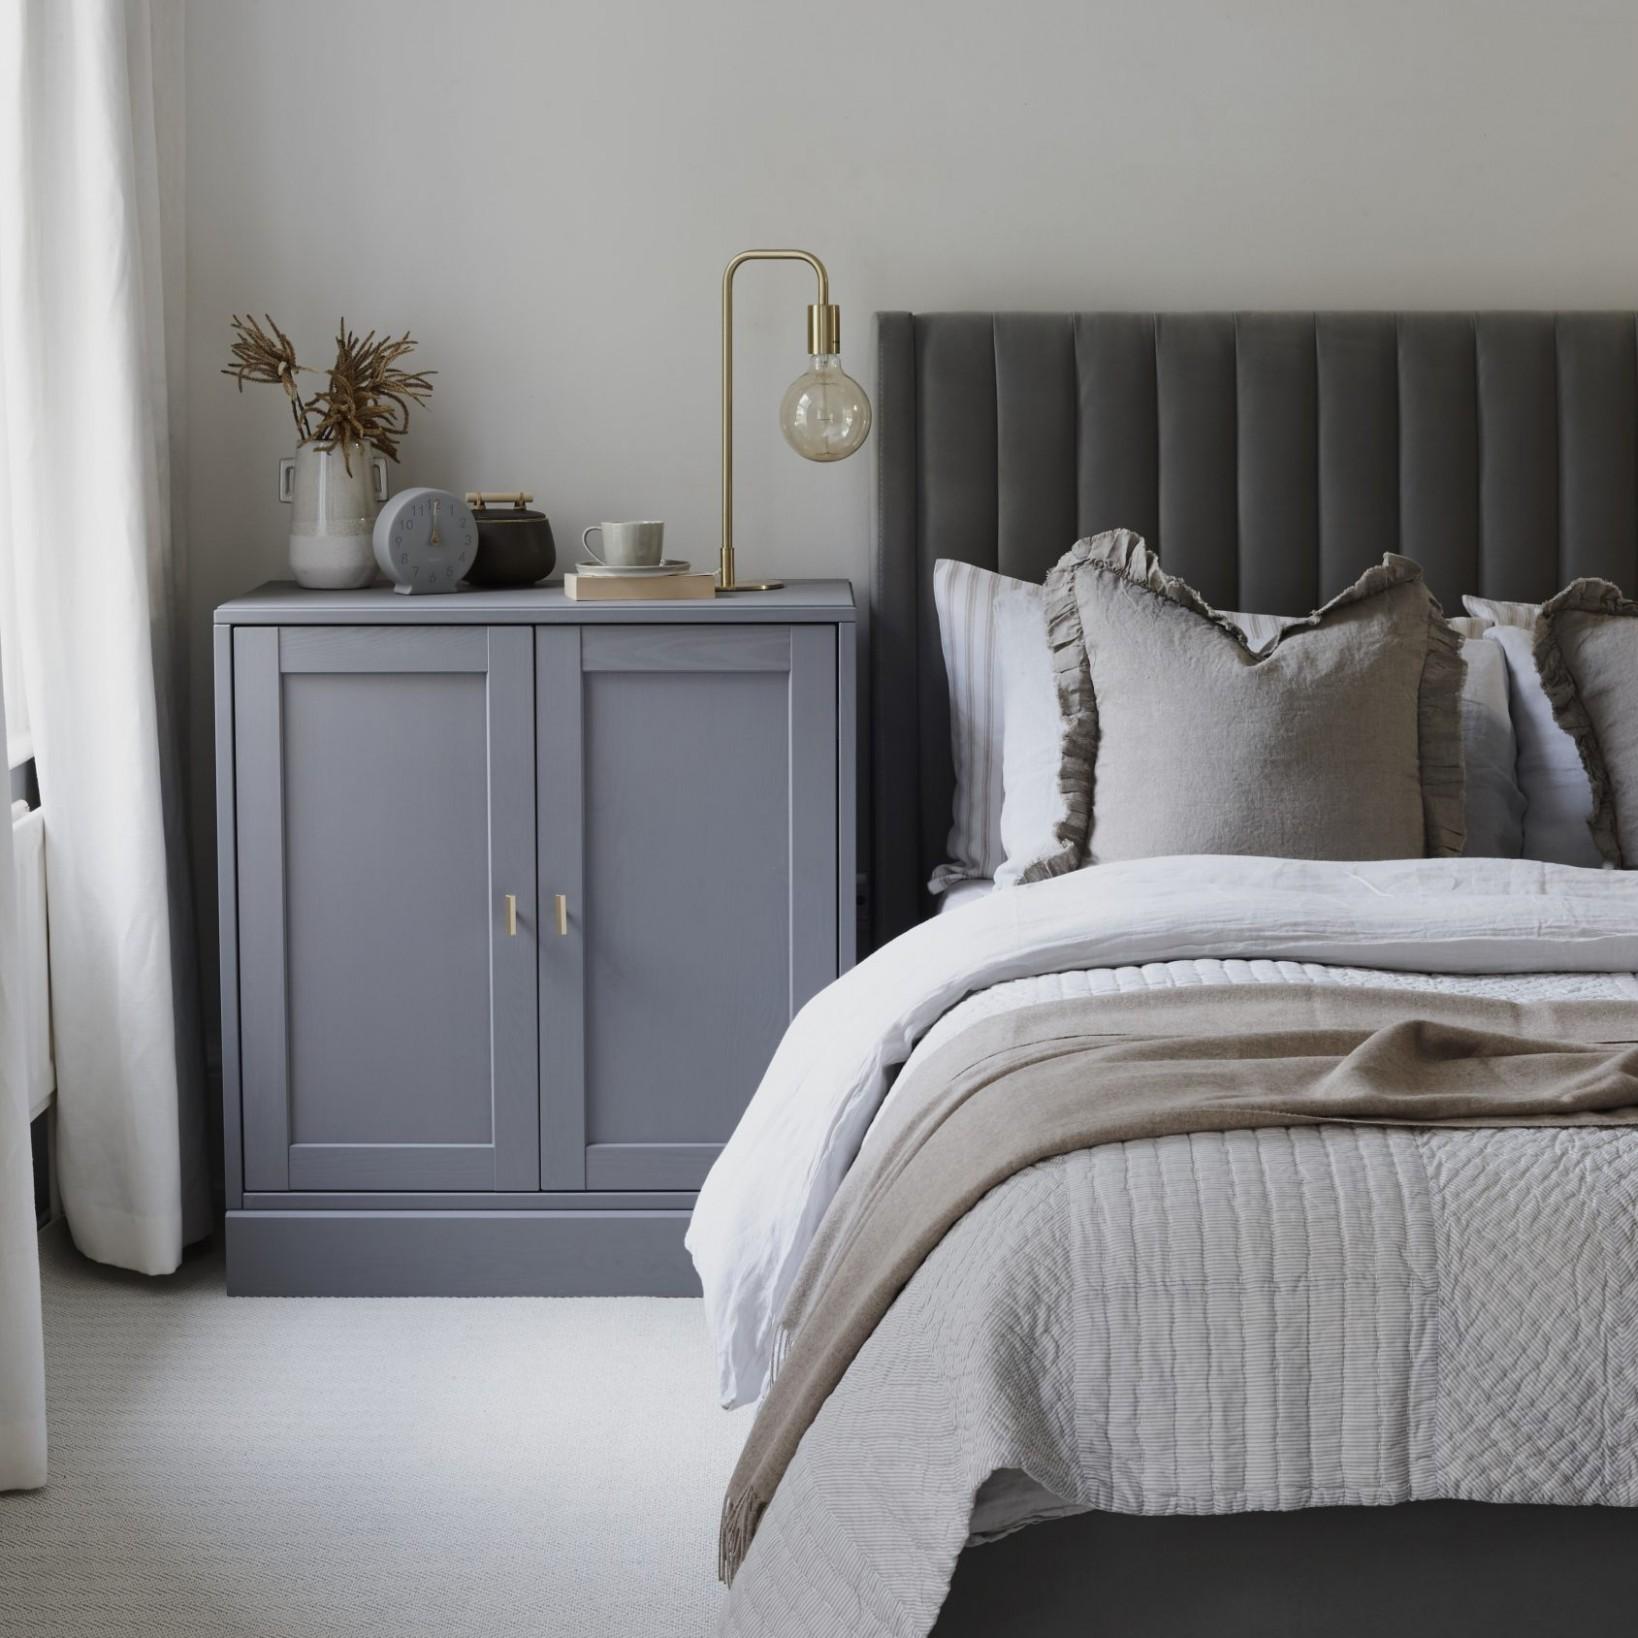 Grey bedroom ideas – grey bedroom decorating – grey colour scheme - Bedroom Ideas In Grey